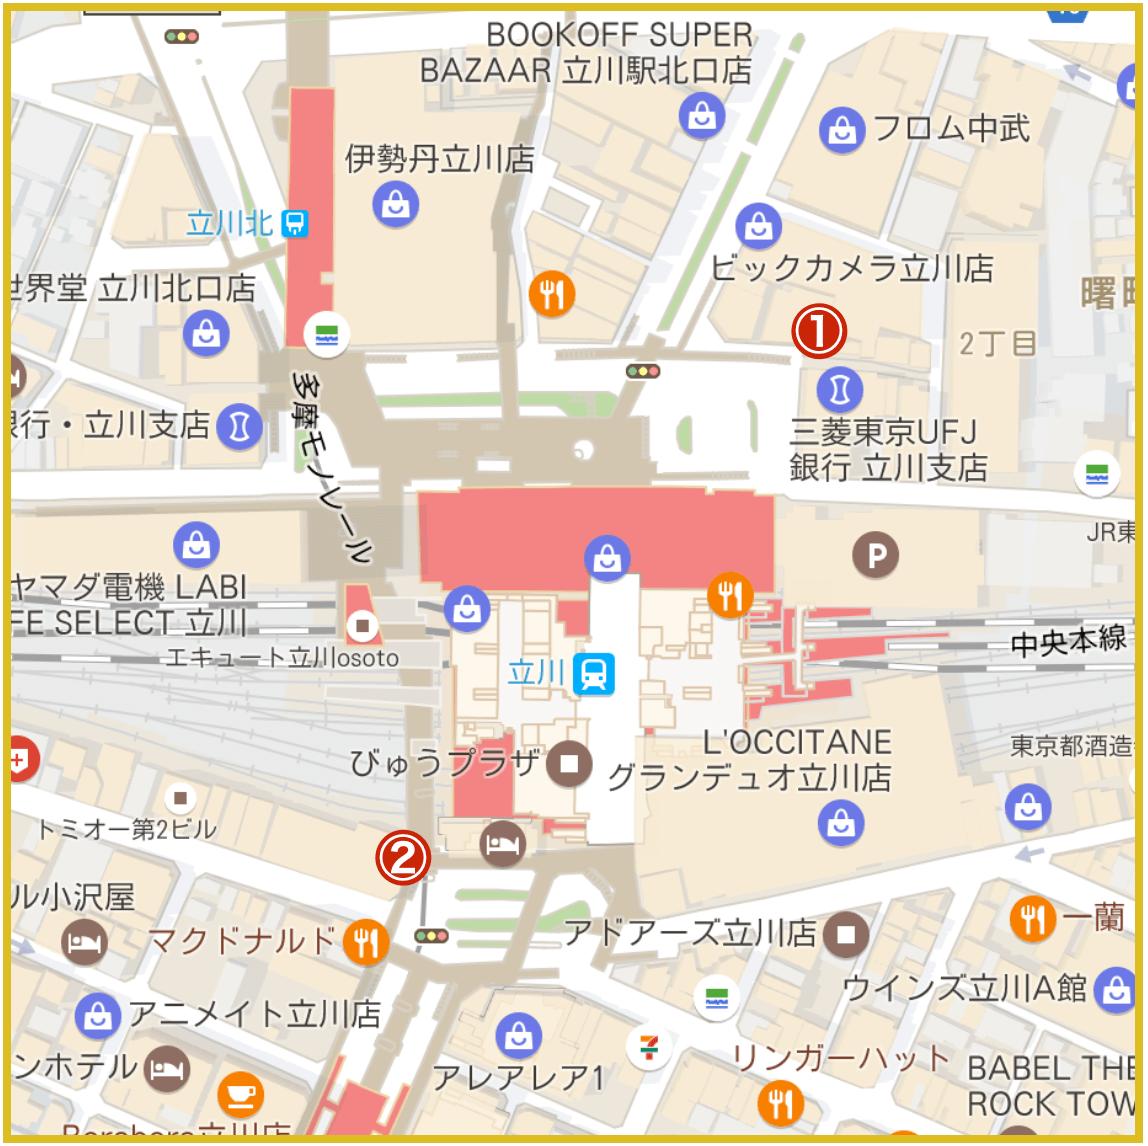 立川駅周辺にあるアコム店舗・ATMの位置(2021年版)